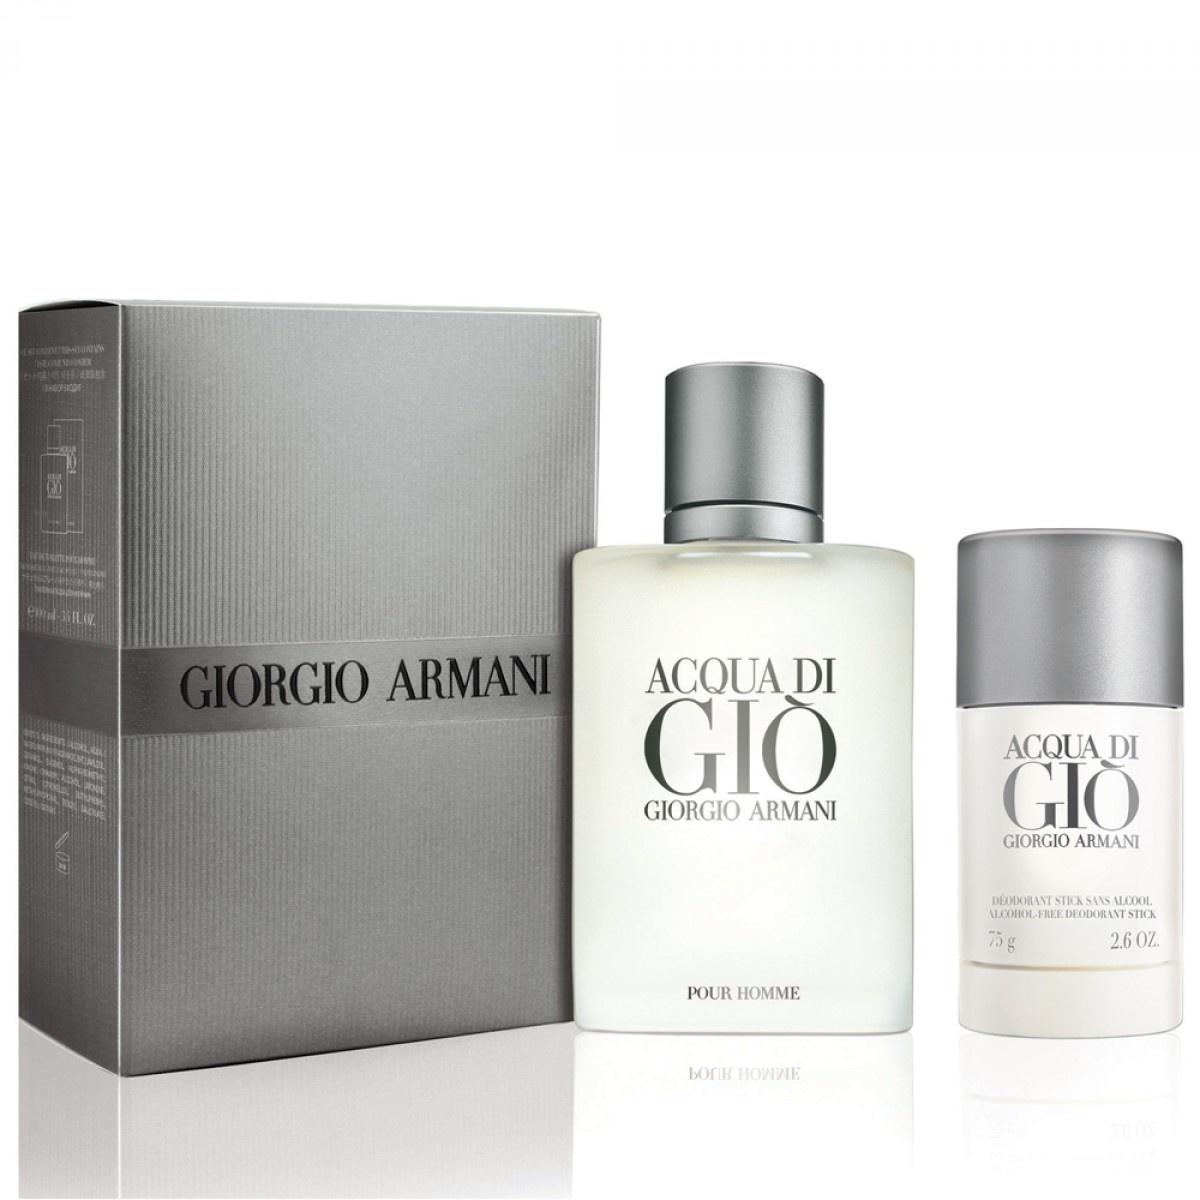 Giorgio Armani Acqua Di Gio pour homme dárková sada Edt 100 ml + tuhý deodorant 75ml + výdejní místa po celé ČR